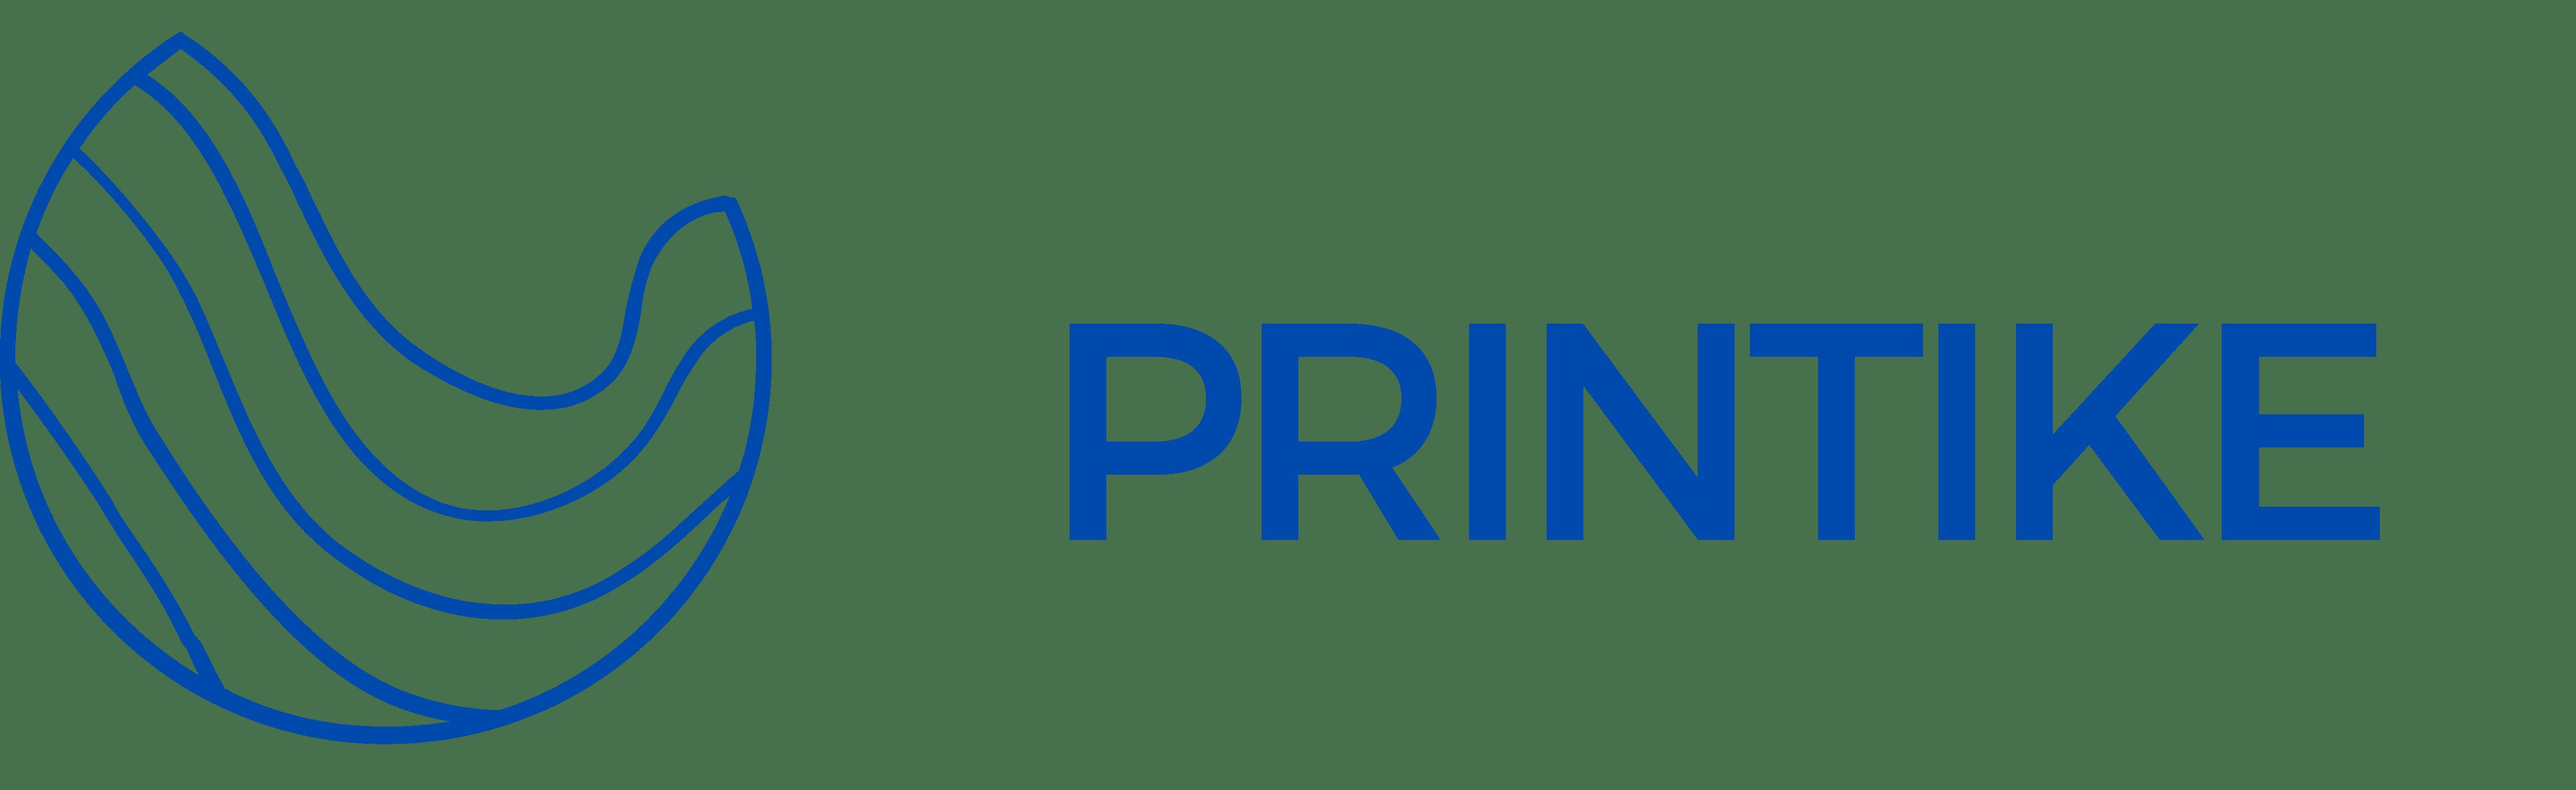 PRINTIKE